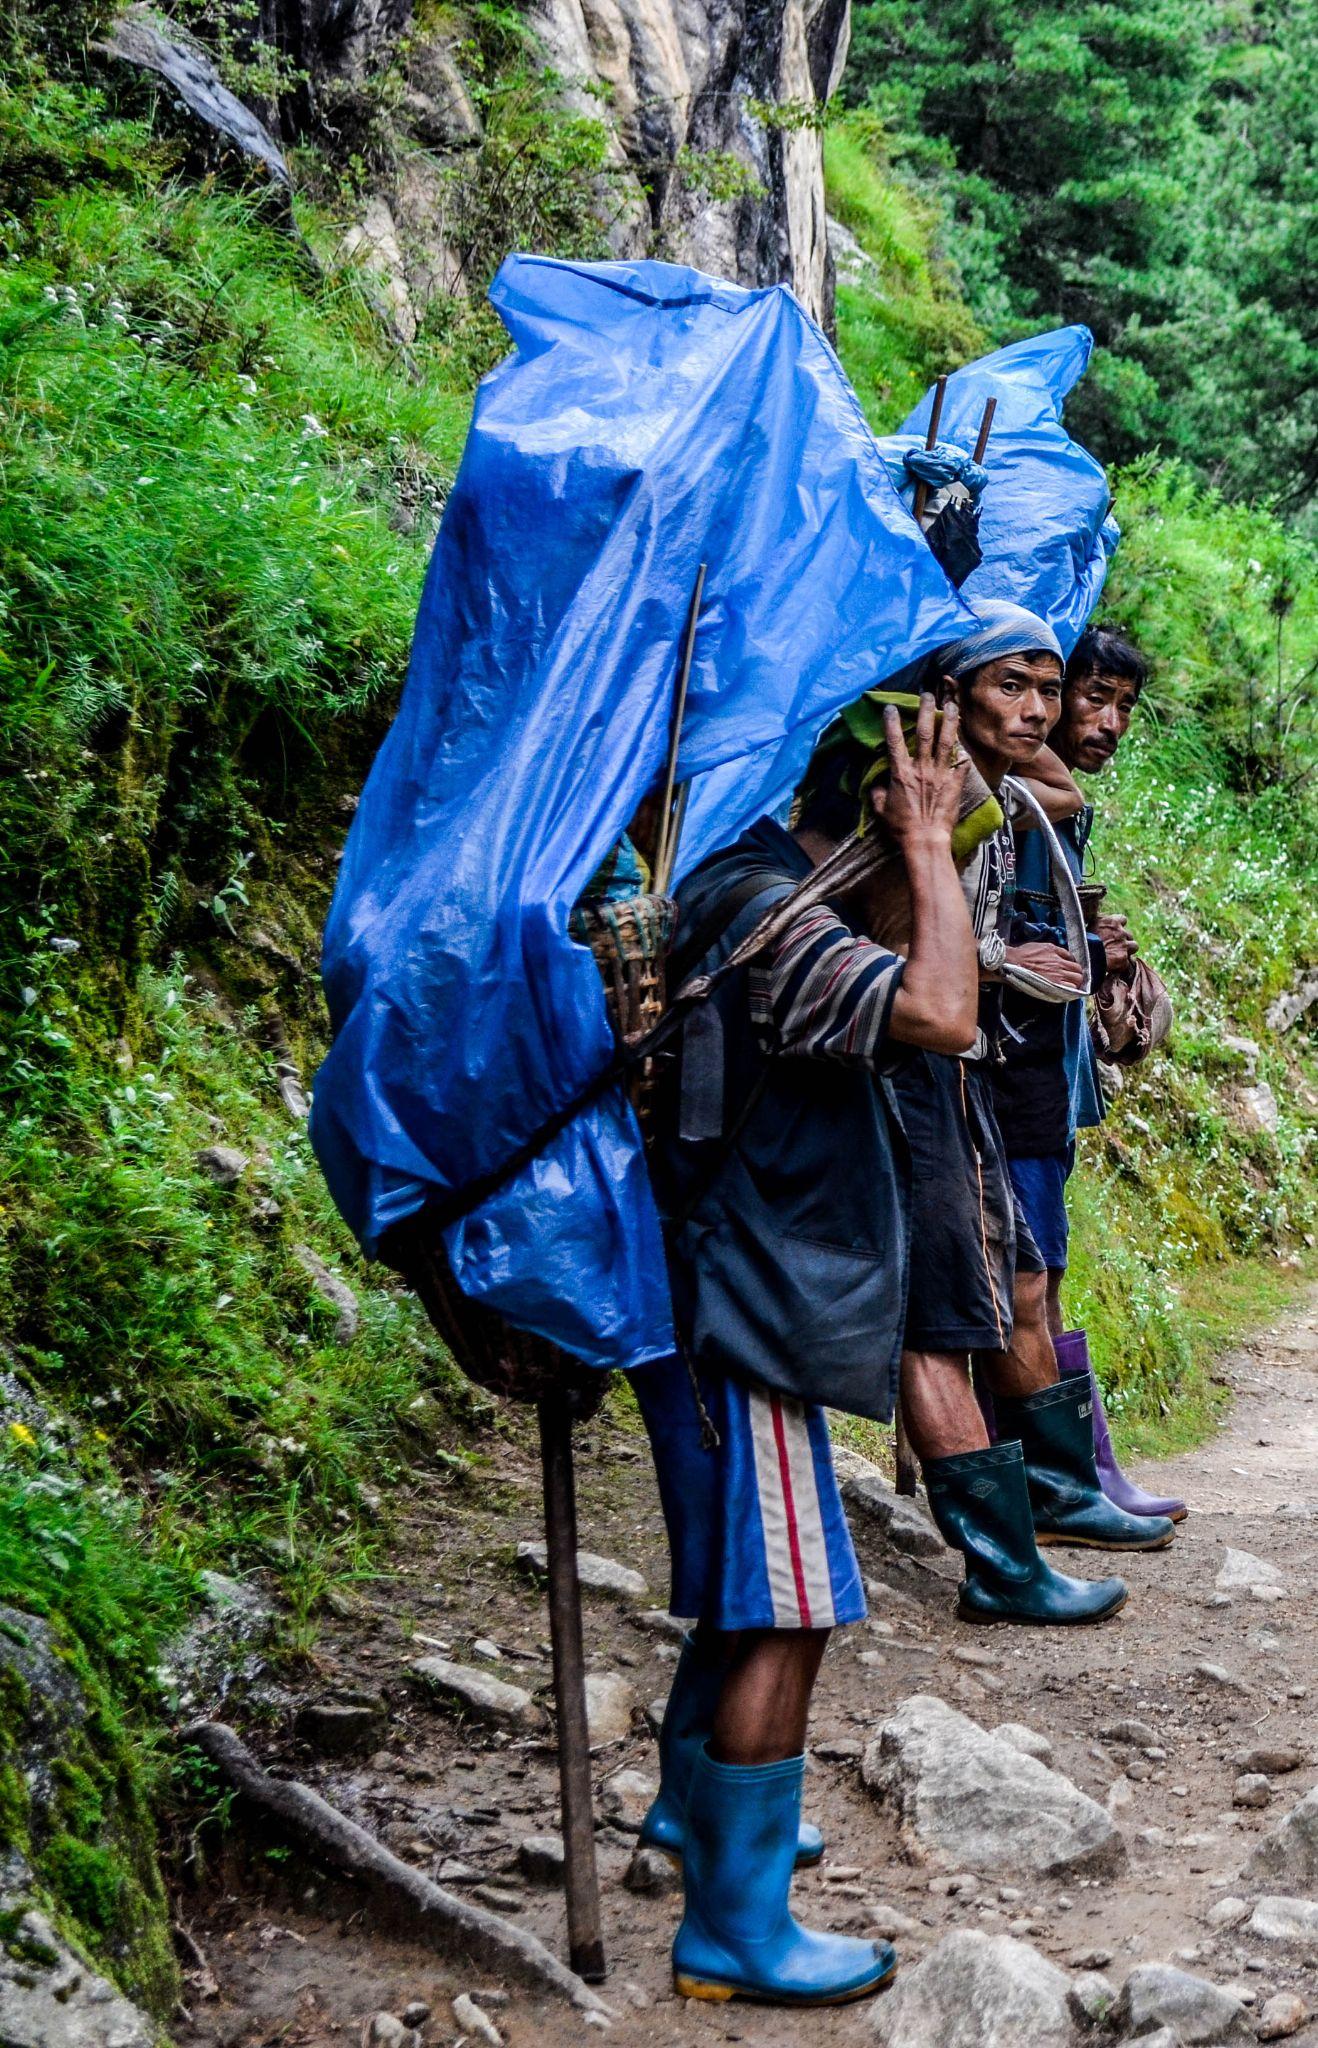 Porters by Yalamber Rai